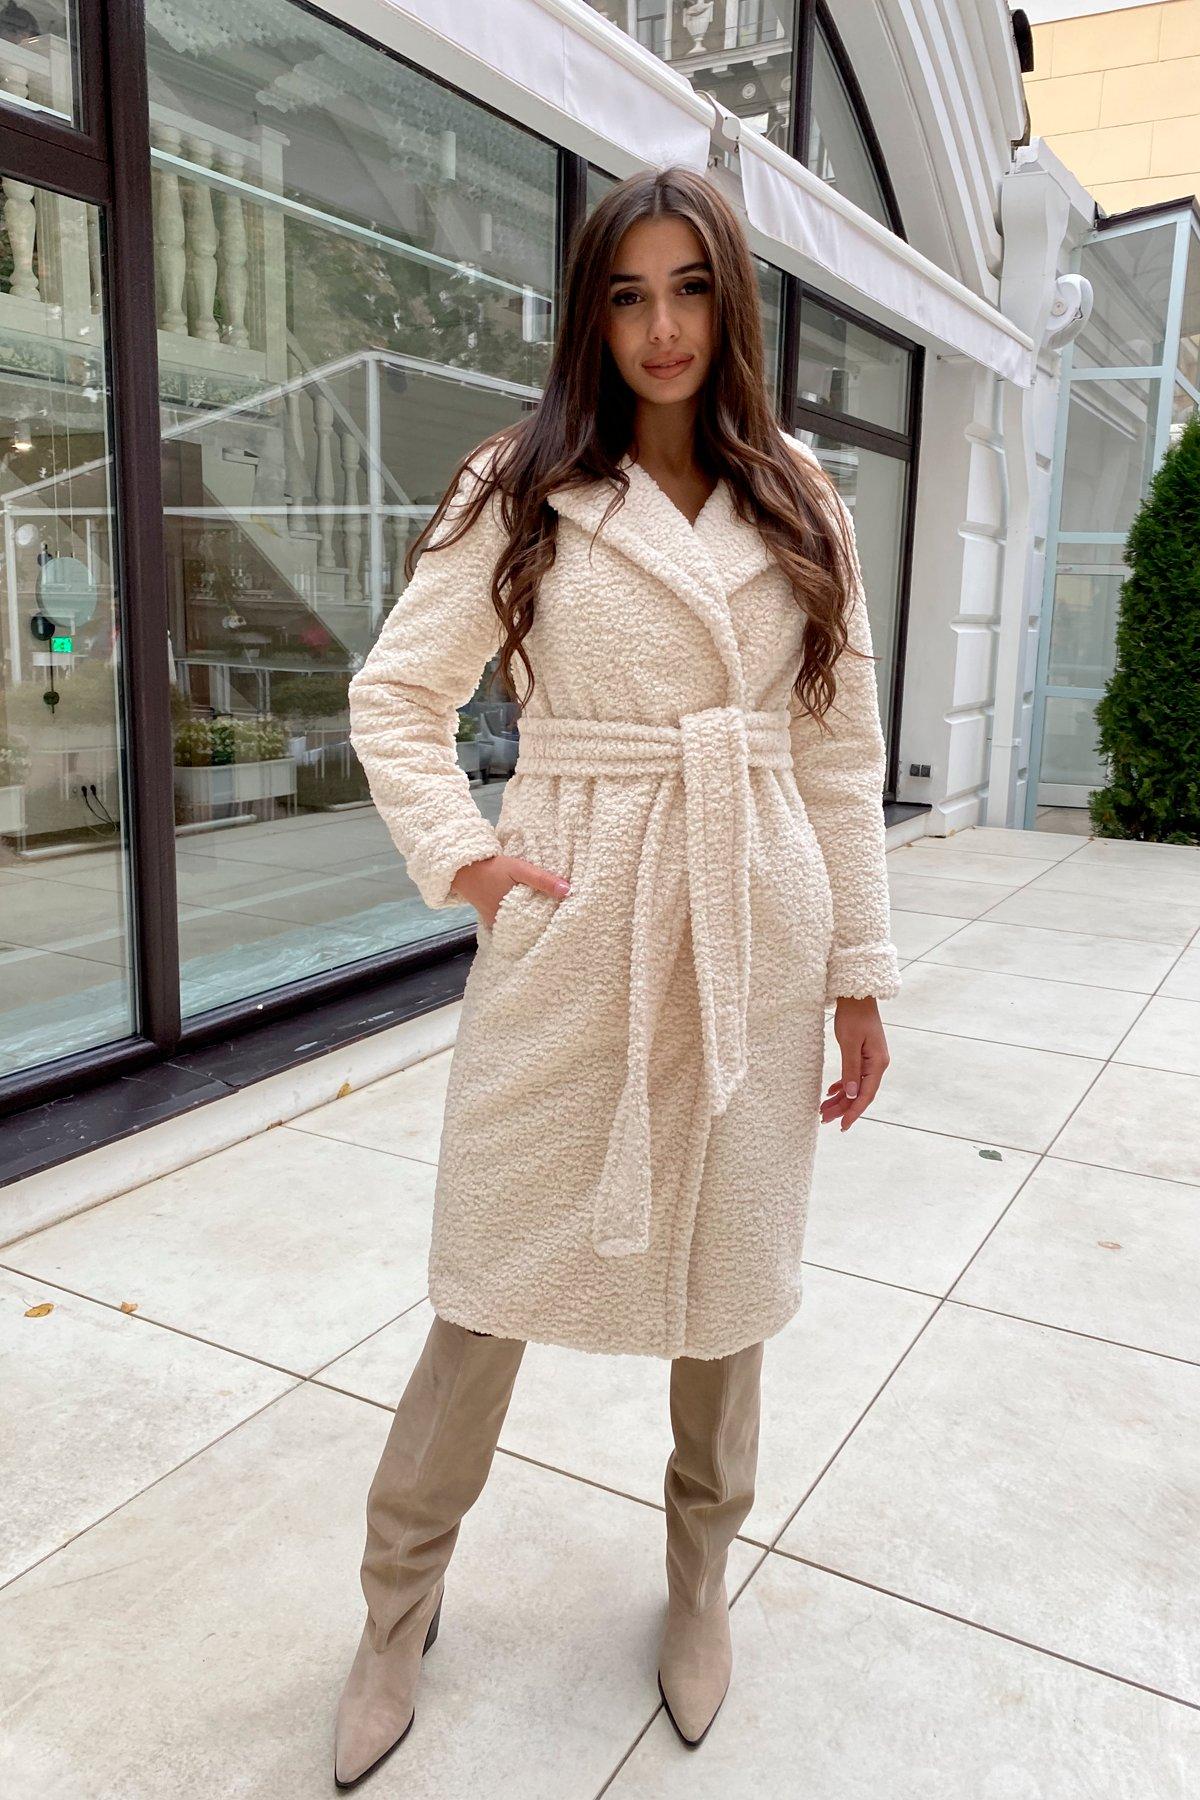 Пальто из эко меха Приора 8564 АРТ. 44887 Цвет: Молоко - фото 8, интернет магазин tm-modus.ru